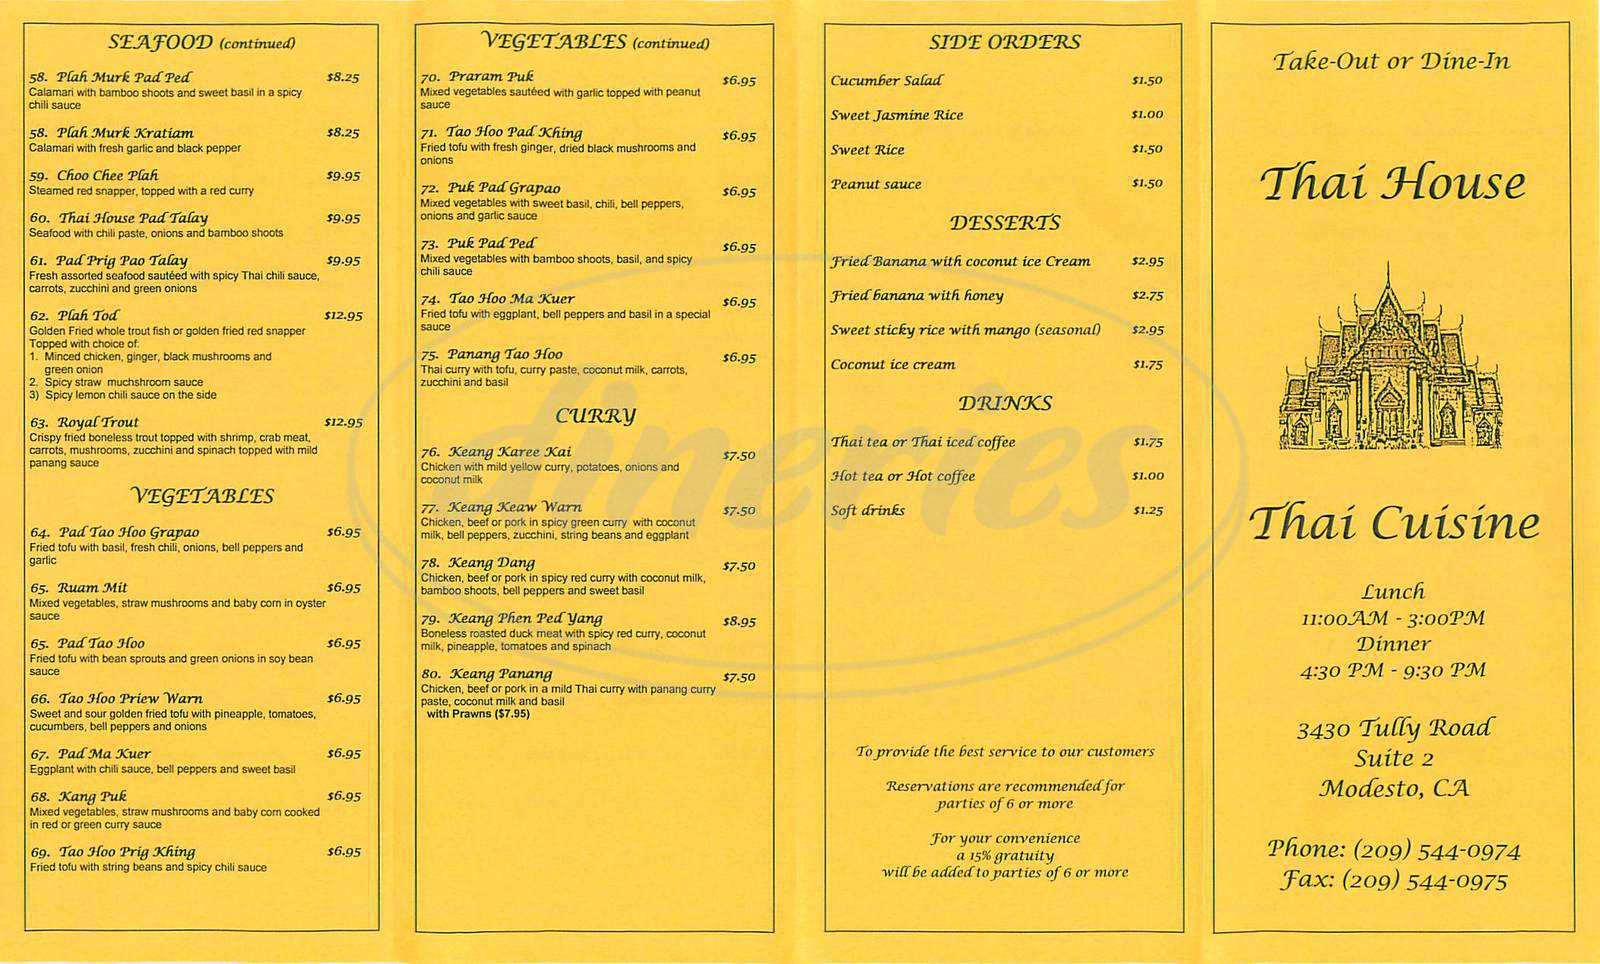 menu for Thai House